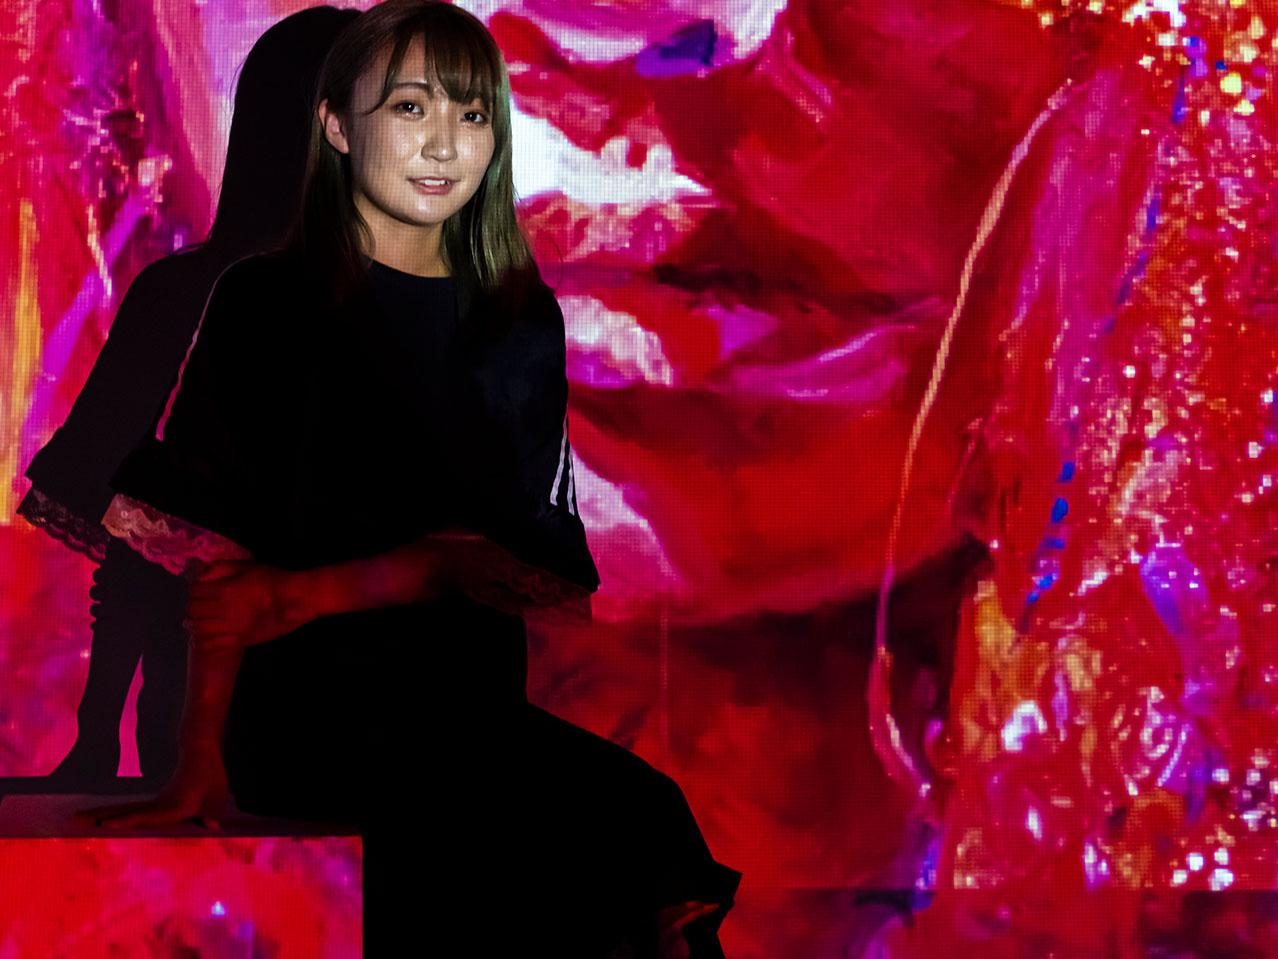 山口 知咲さんの写真